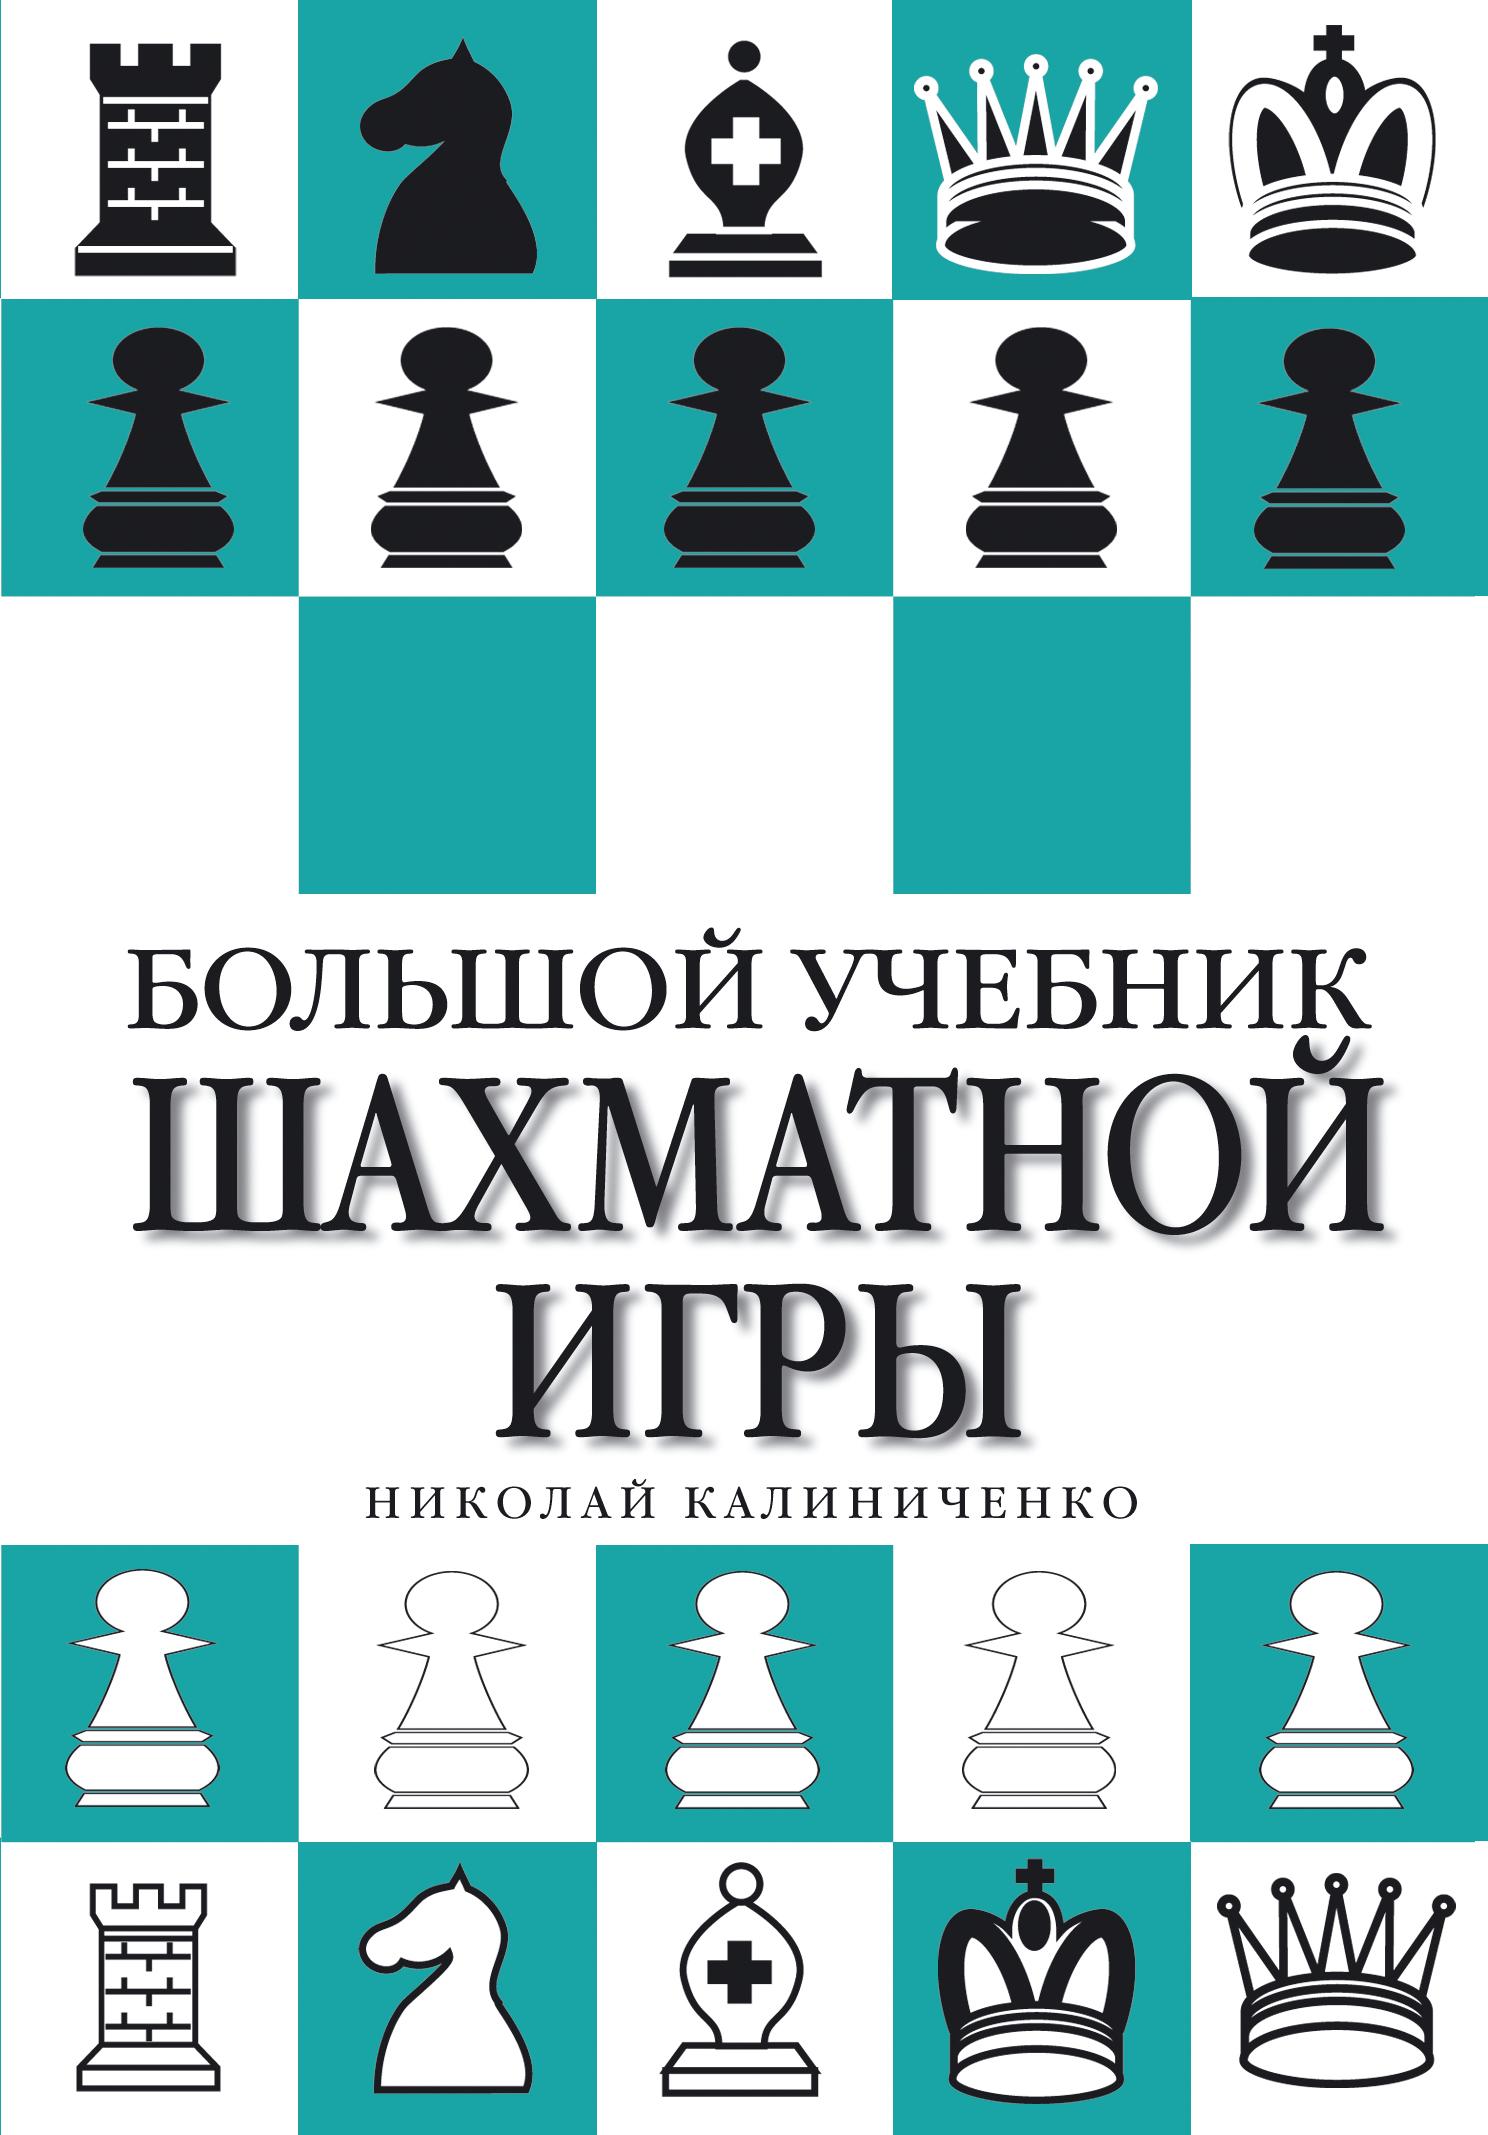 Большой учебник шахматной игры